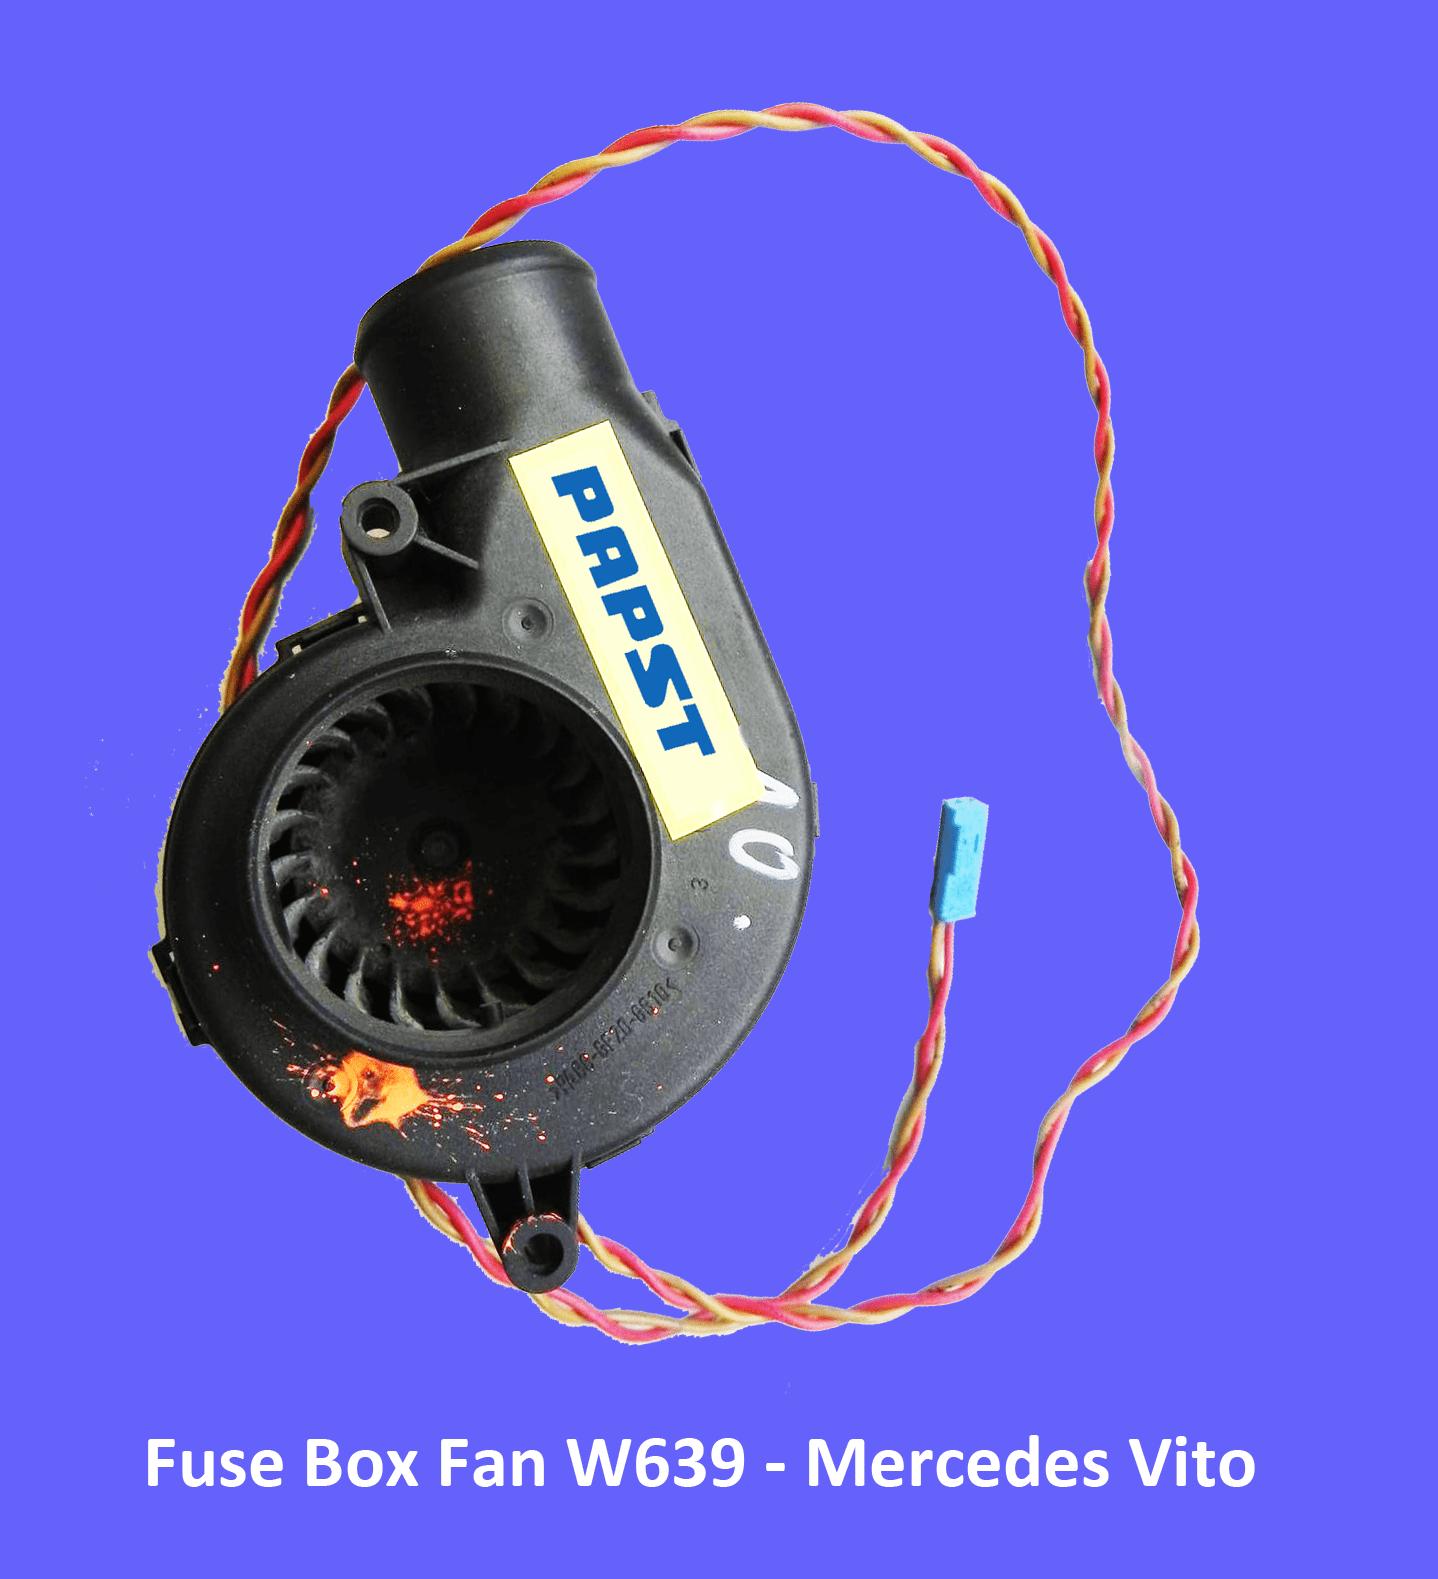 mystery fan noise inside cabin vito w639 2017 mercedes sprinter fuse box diagram mercedes benz vito w639 fuse box